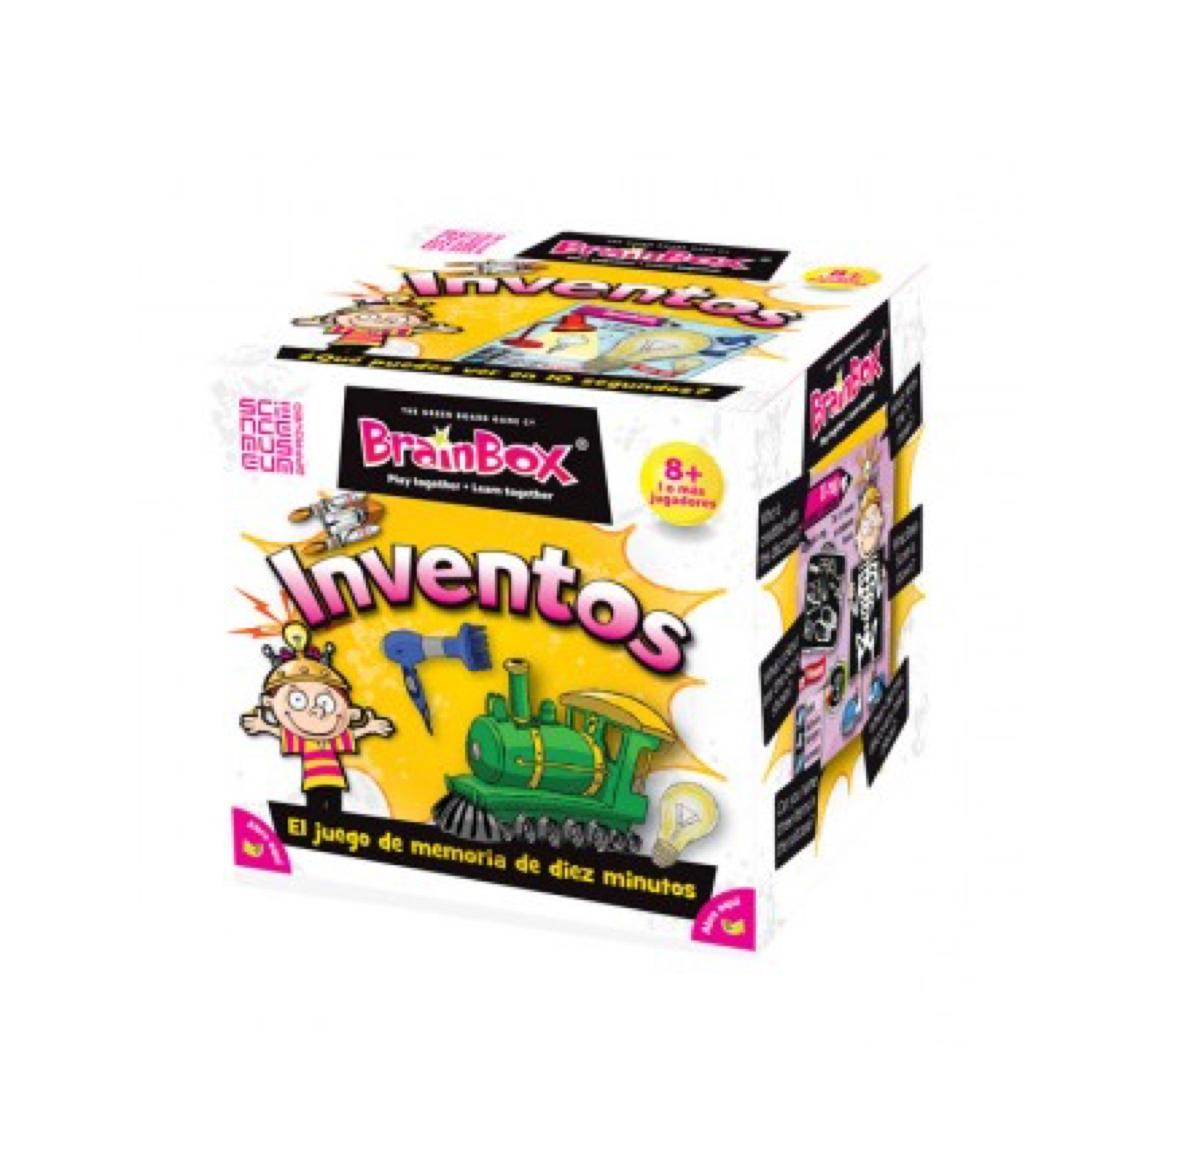 juego-de-memoria-de-los-inventos-de-brainbox-en-el-mundo-de-mico-2